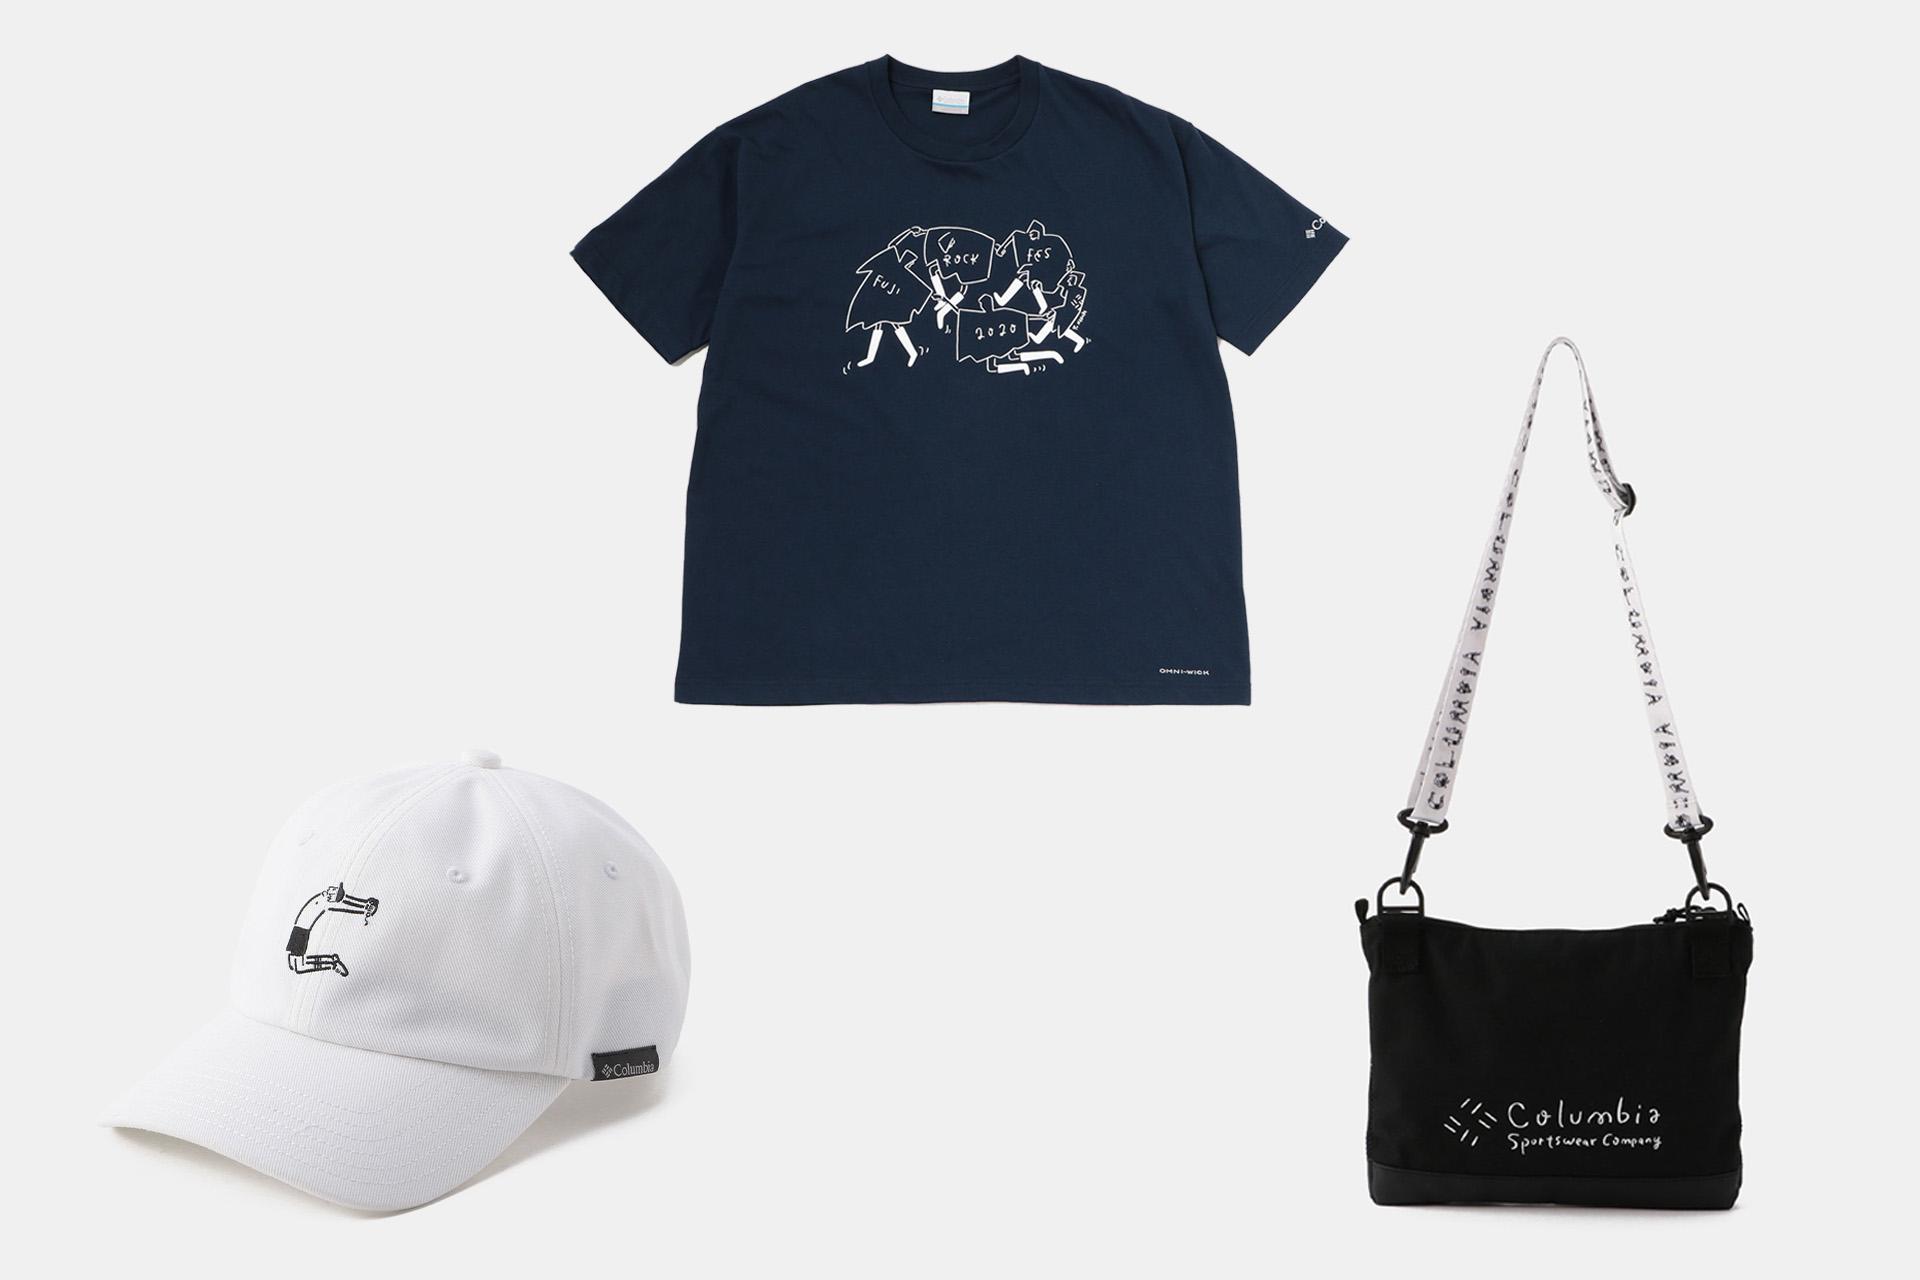 6 アーティスト・長場雄さんと歴代フジロック×コロンビアTシャツ